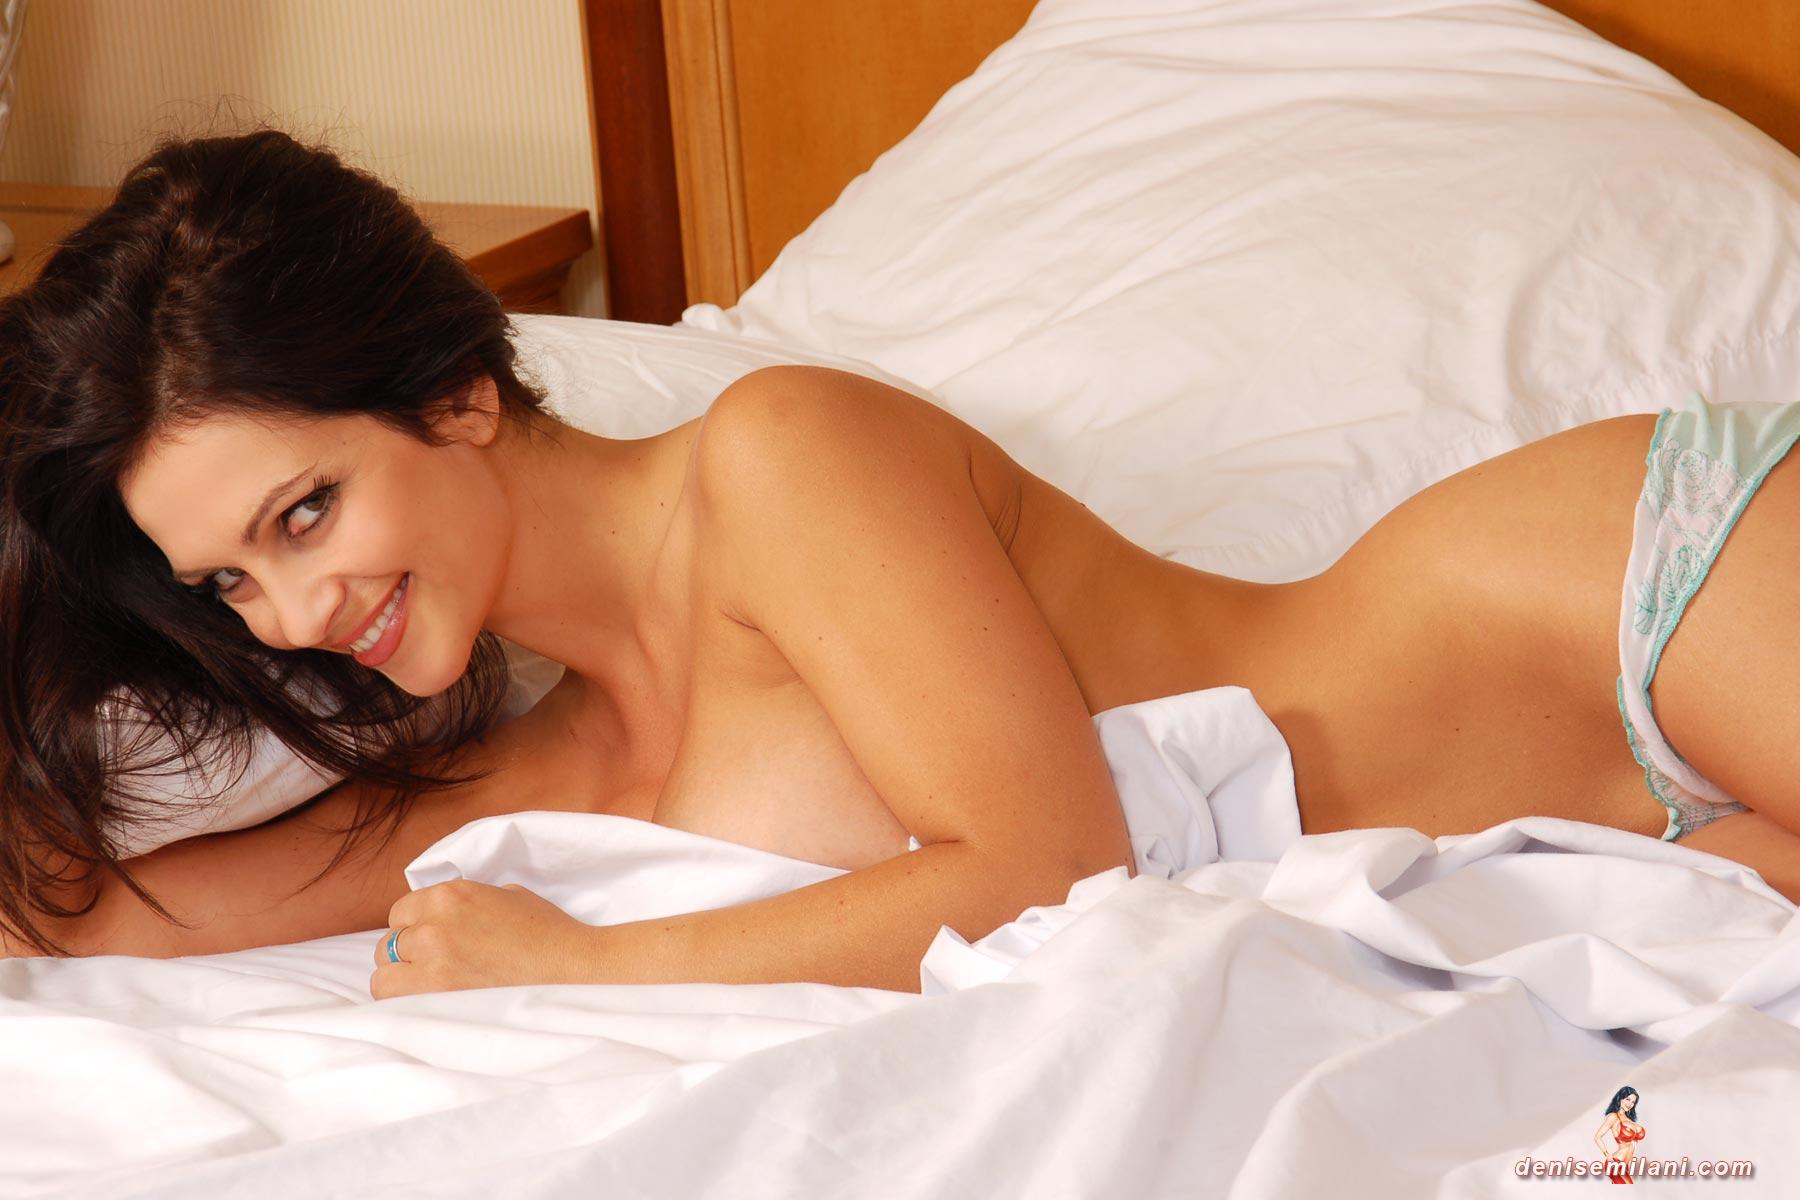 denise milani naked on bed